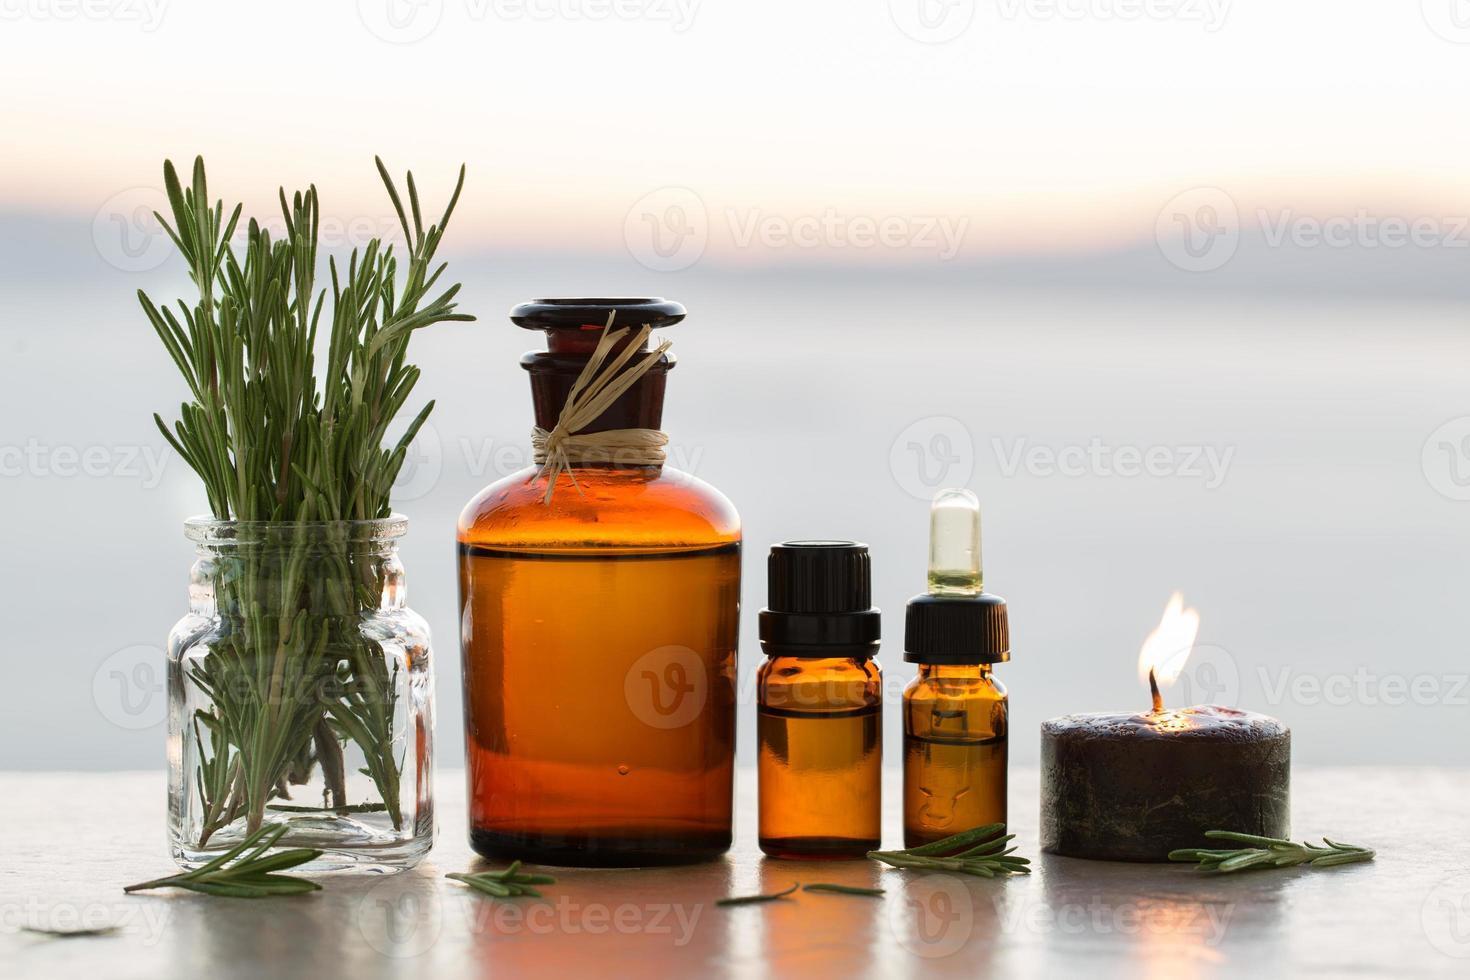 oli essenziali di aromaterapia al rosmarino in bottiglia foto